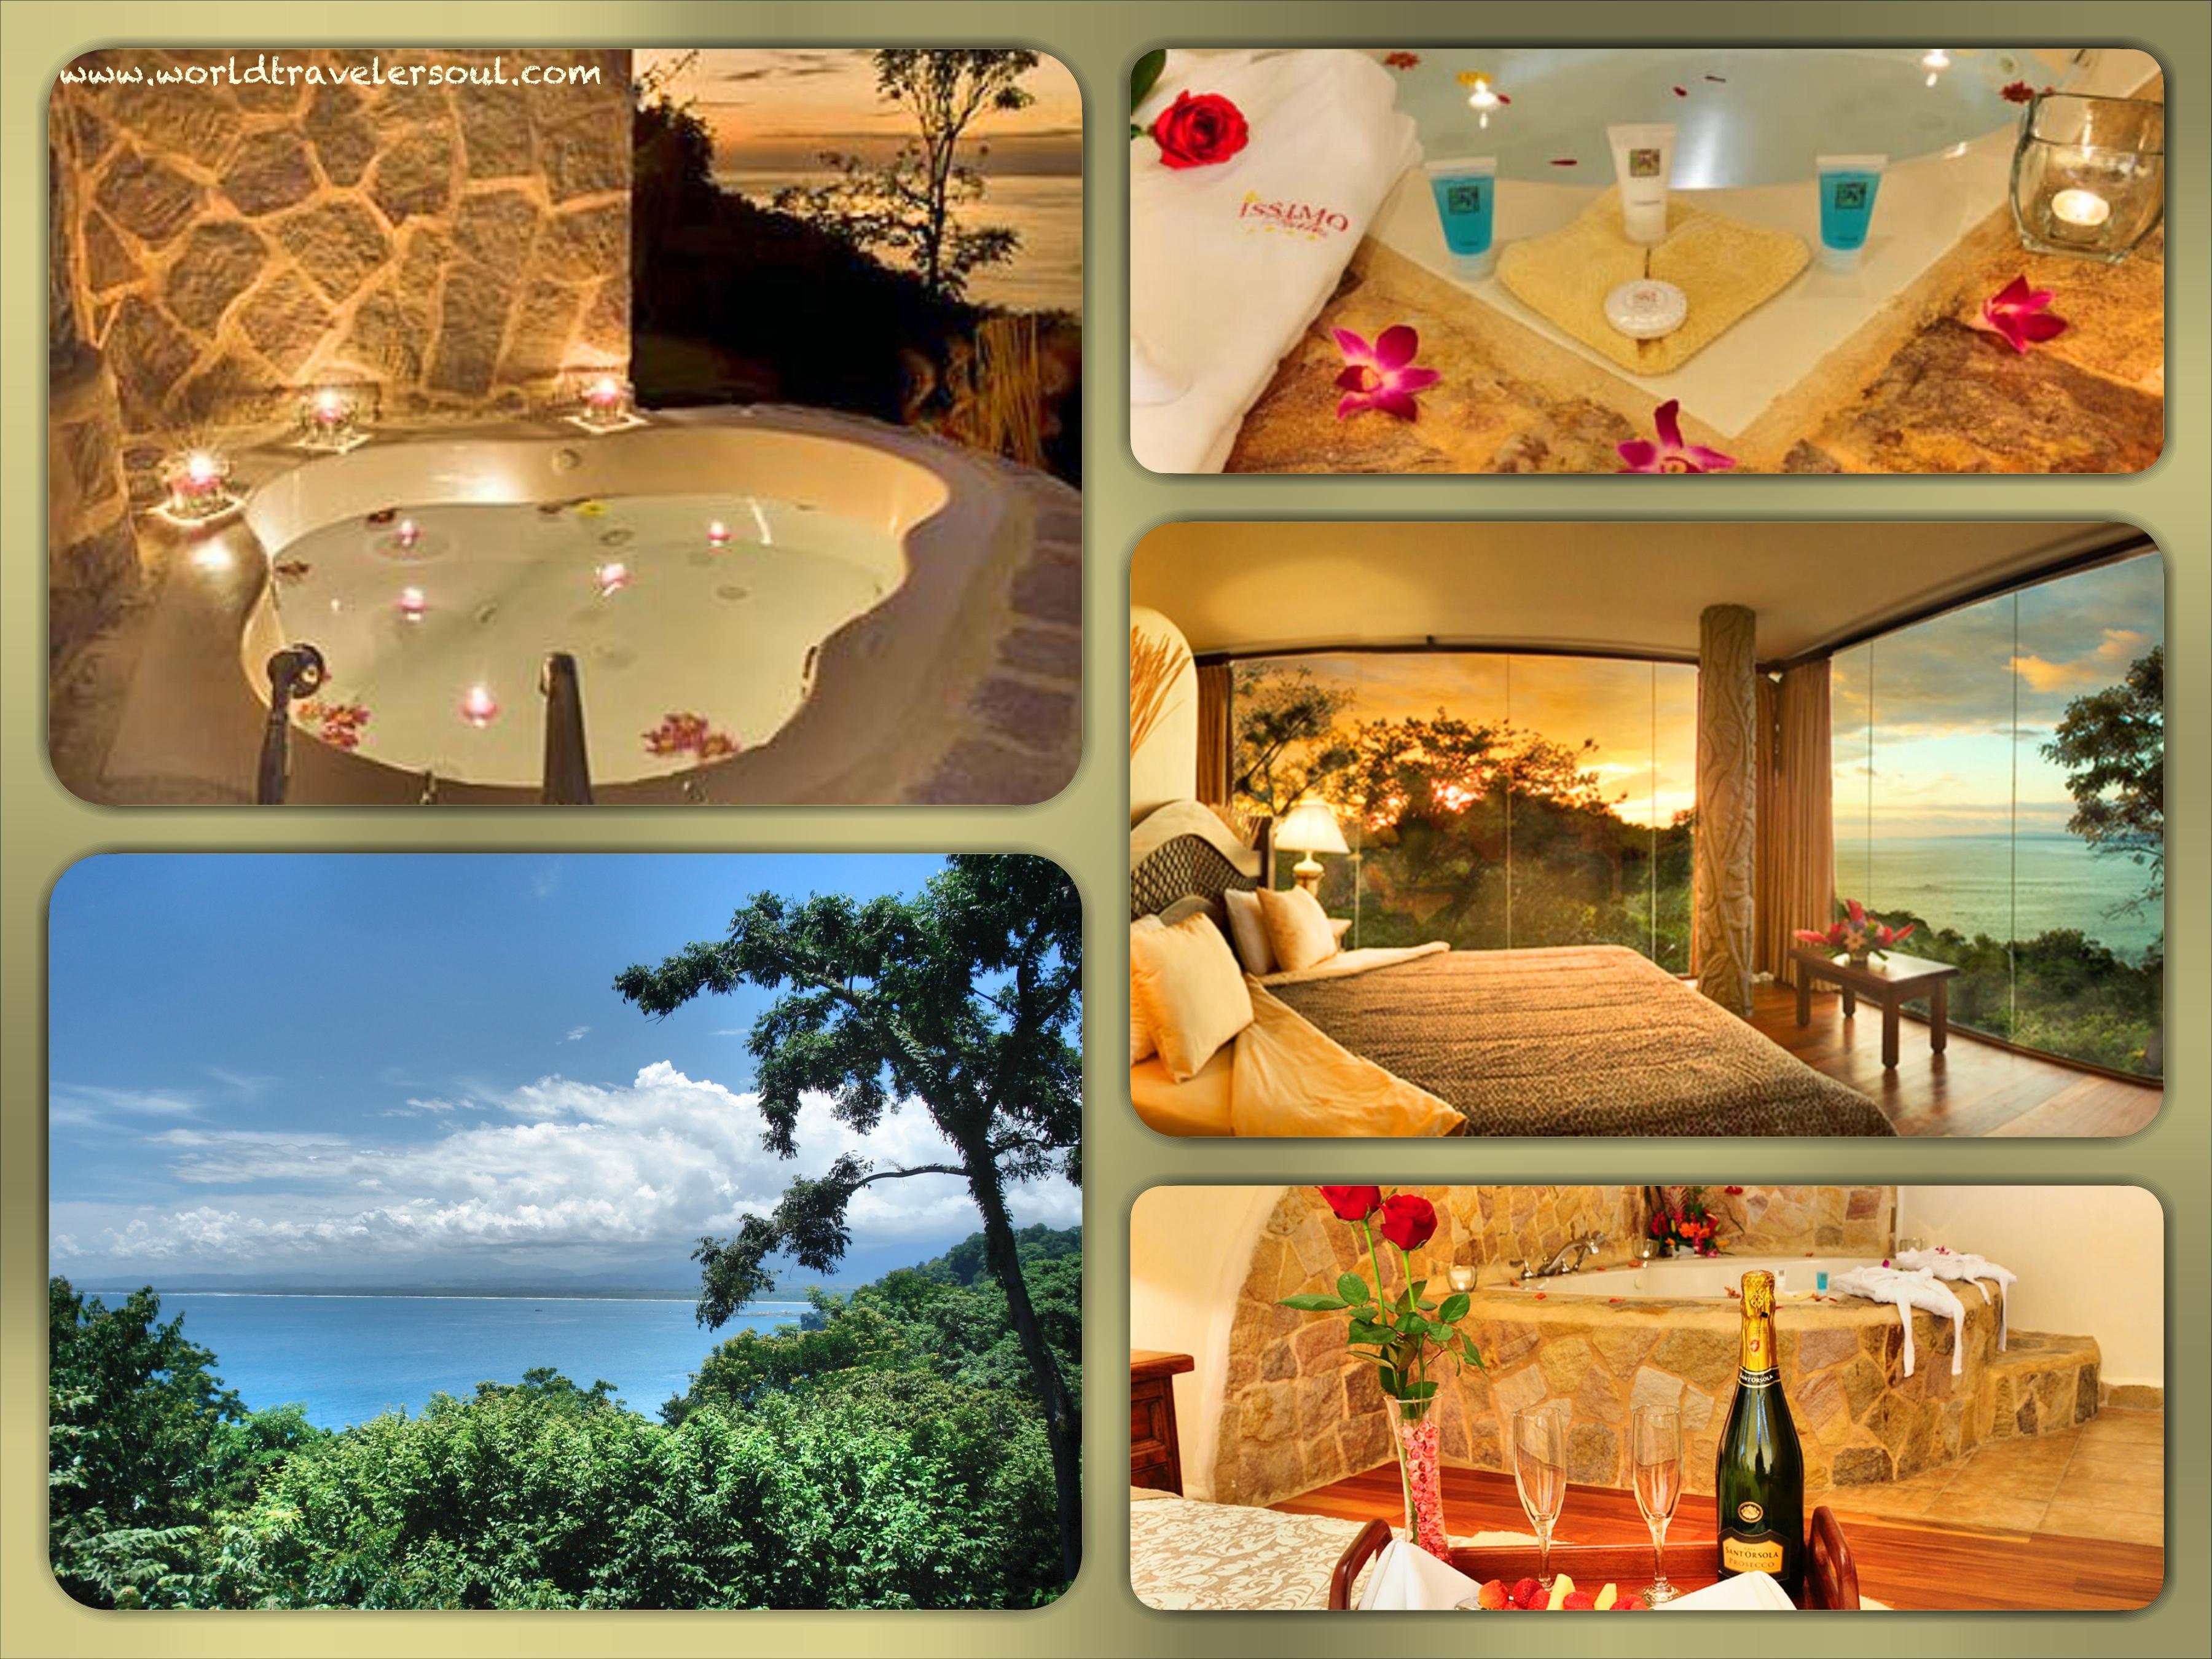 Los 10 mejores hoteles con jacuzzi bathtub en la for Decoracion para jacuzzi